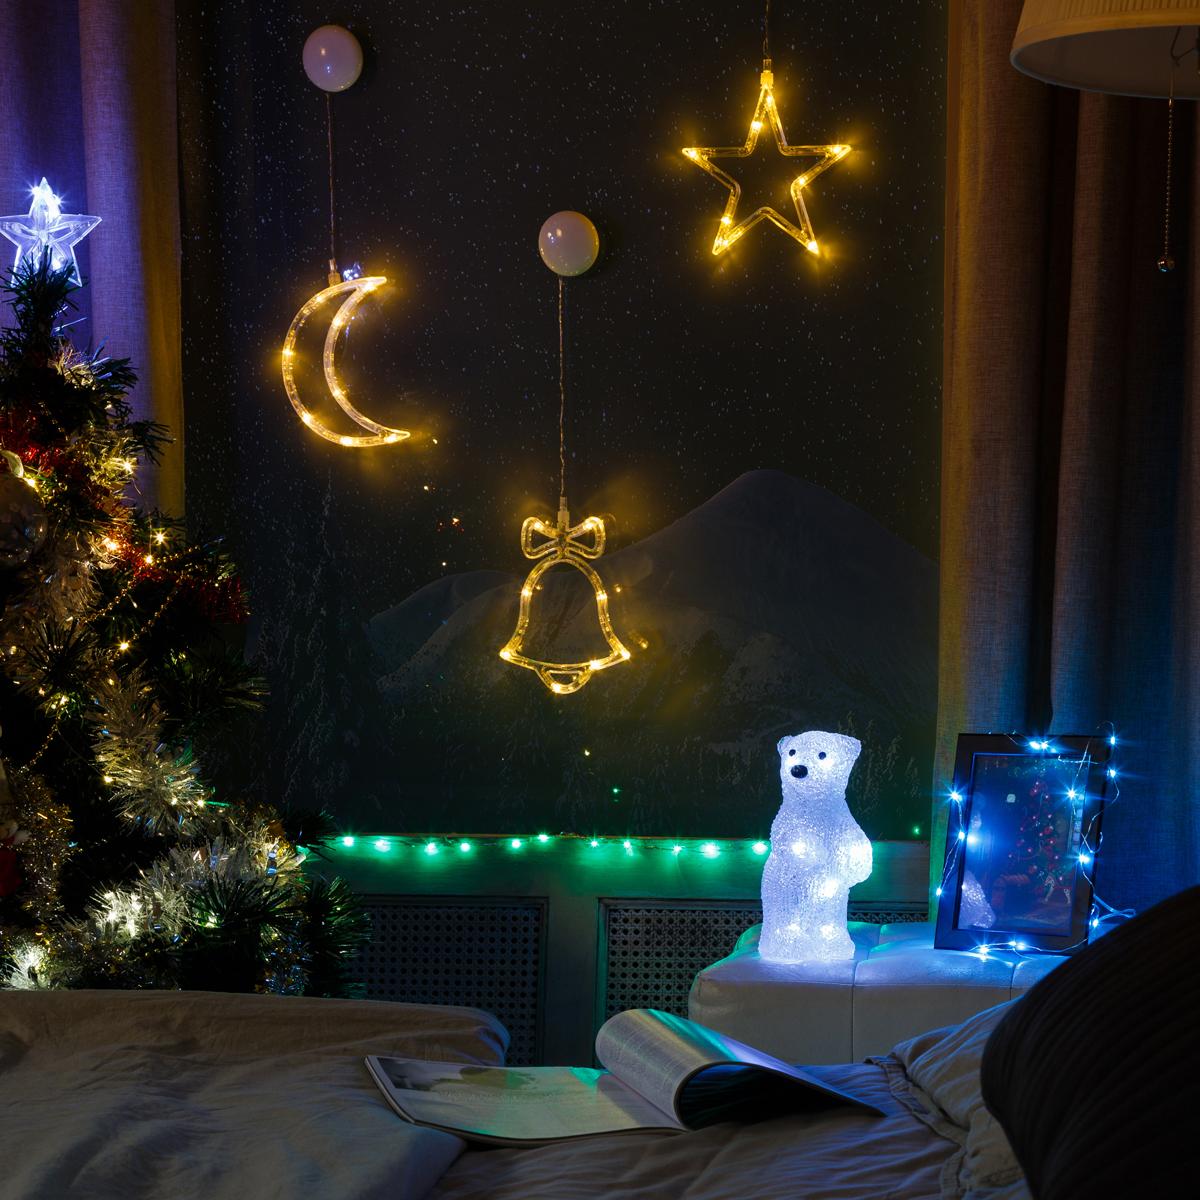 Комплект Neon-Night Спальня, для новогоднего украшения дома, цвет гирлянд: желтый. 500-031500-031Не секрет, что самое хлопотное время в году - предновогоднее. Люди тратят массу времени и сил на поиск подарков для своих родных, близких, коллег и друзей. Подчас просто не остается времени на украшение дома и создание того самого желанного предновогоднего настроения. Спальня - место, где отдыхают после трудовых будней и насыщенных выходных. Место, где хочется спокойствия и гармонии. Для большего комфорта использованы гирлянды и фигурки с постоянным цветом свечения. Состав комплекта:- Универсальная интерьерная гирлянда Роса длиной 2м. Ее часто используют декораторы для украшения цветочных композиций и не только, так как сама гирлянда не боится воды (кроме батарейного блока, который можно спрятать за вазой).- Три большие светящиеся фигуры на присосках.- Светящийся Медвежонок размером 18 см. Набор уже укомплектован всеми необходимыми батарейками. Подарите новогоднее настроение себе и близким, украсив спальню всего за 15 минут!